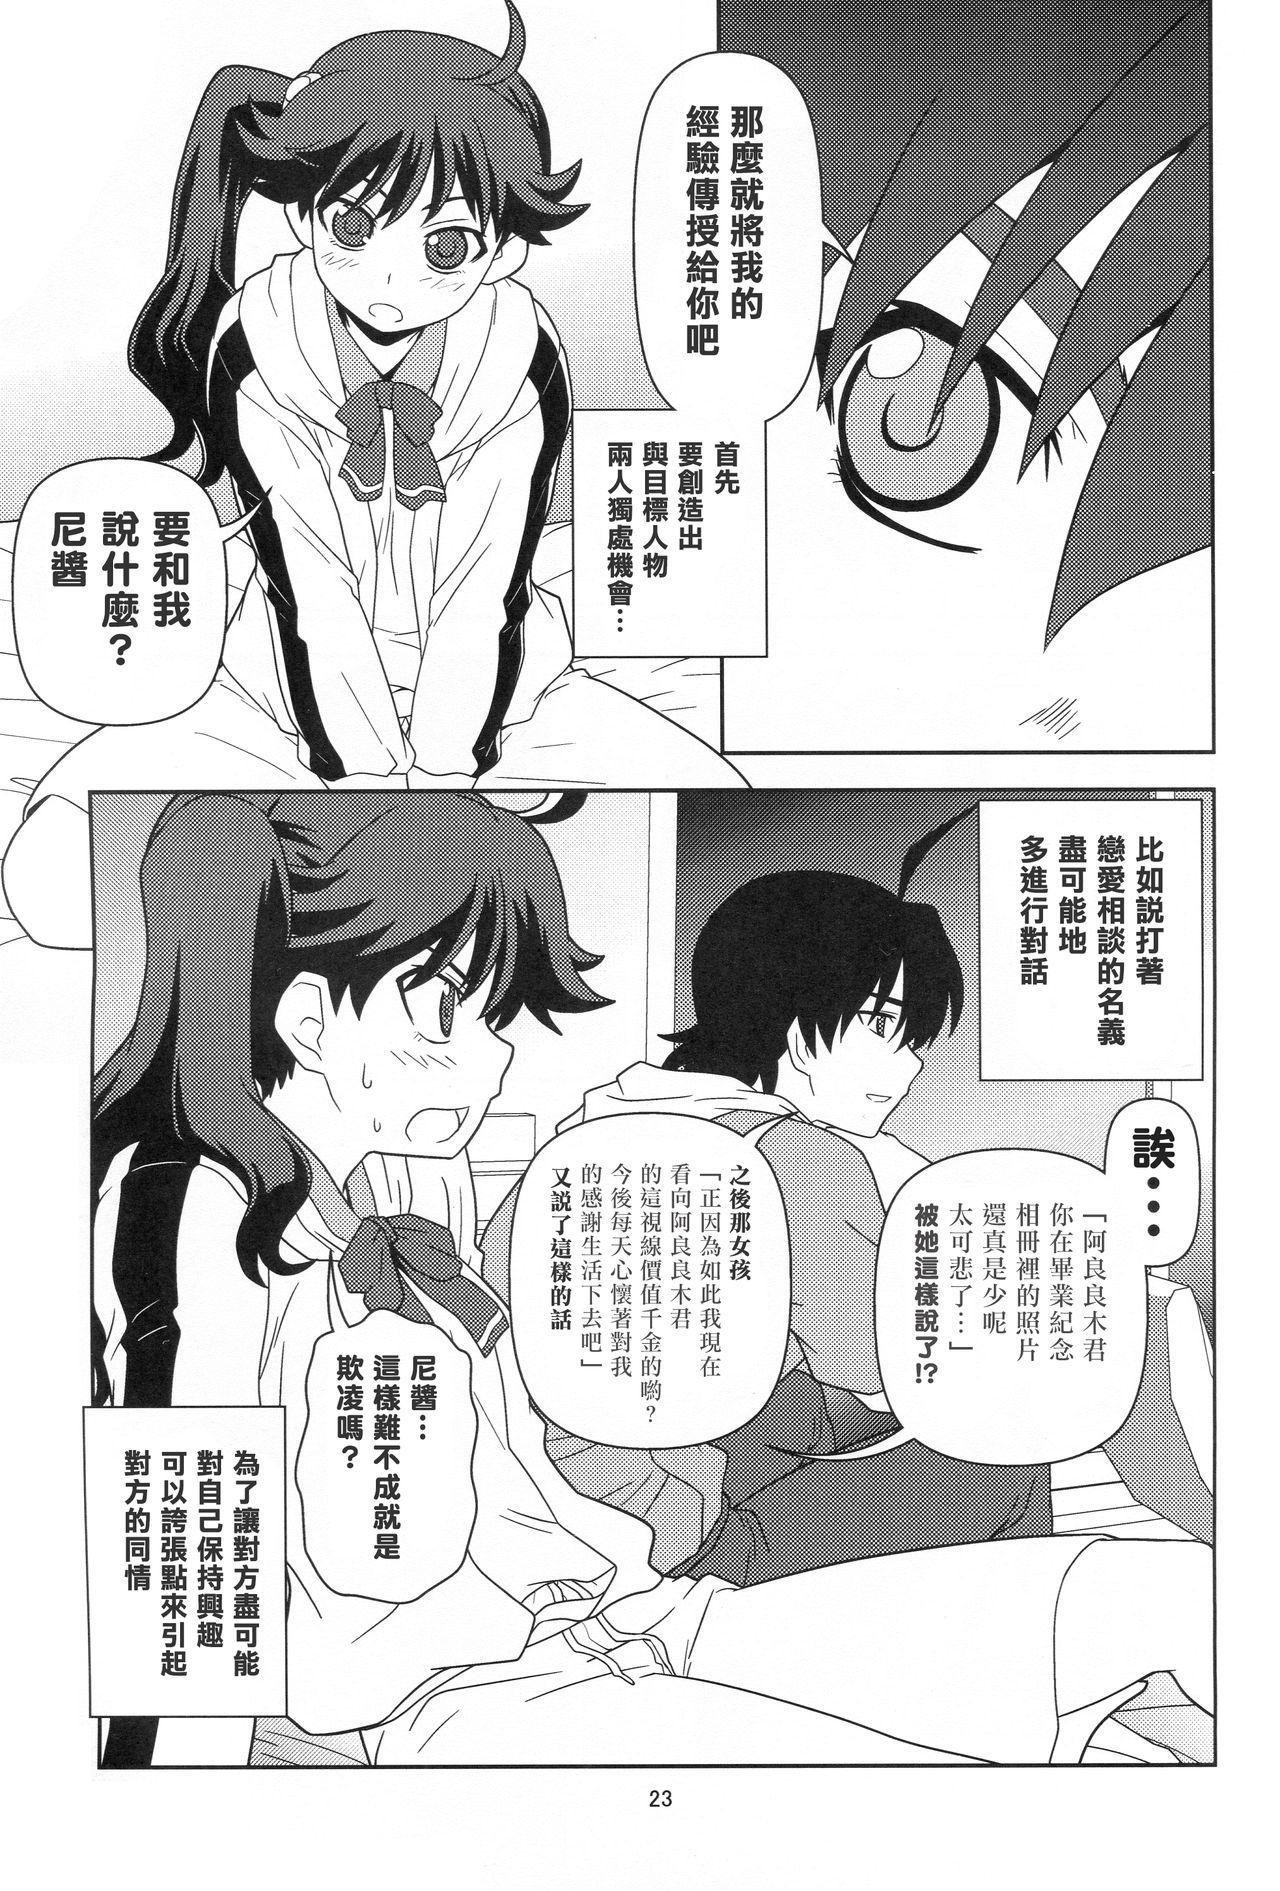 Nii-chan wa Sonna Koto Dakara 22